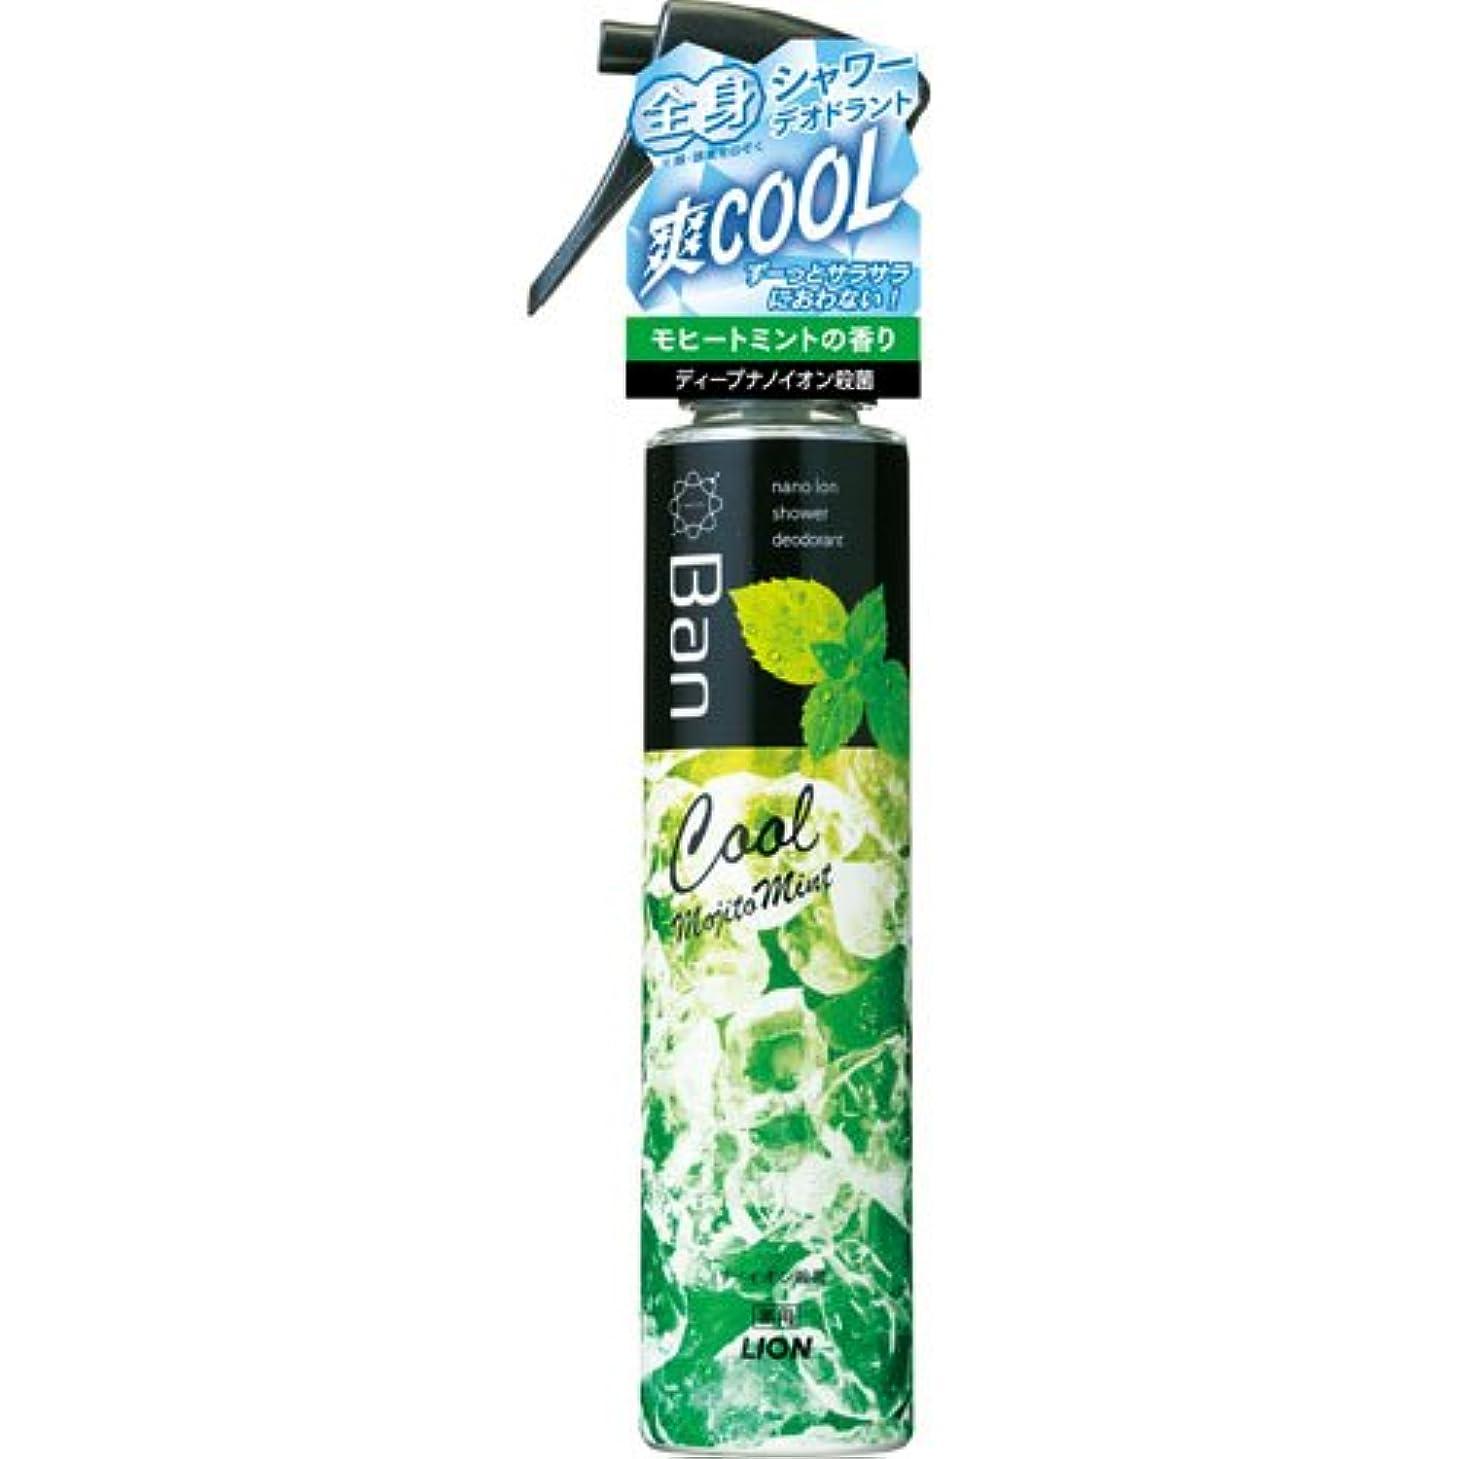 くちばし貨物ゆりBan シャワーデオドラントクールタイプ モヒートミントの香り 120ml (医薬部外品)